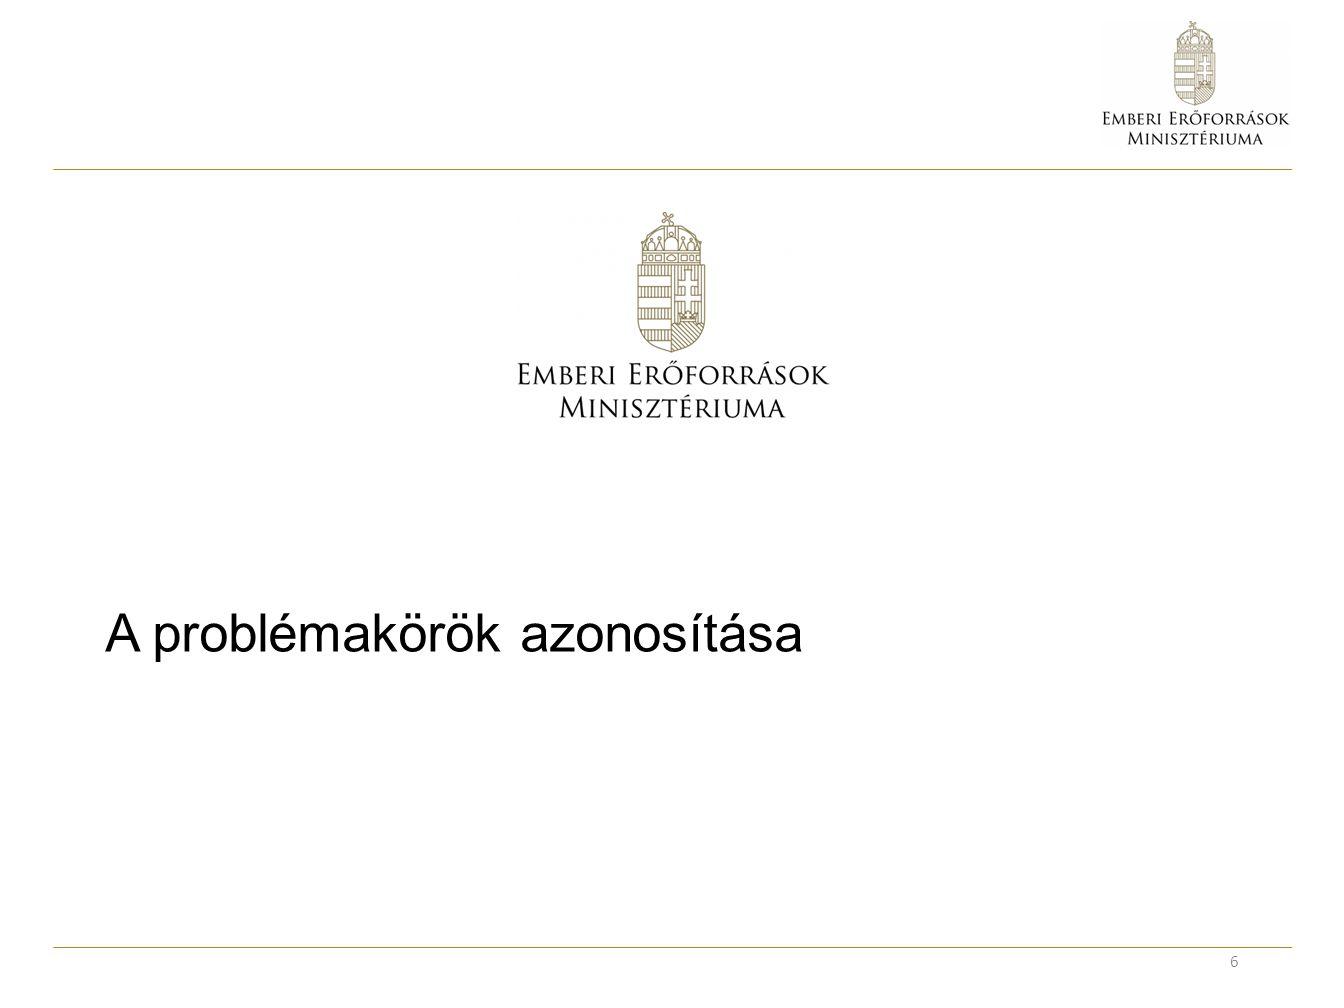 A Kerekasztal által vizsgált problémák forrásai 7 2000 iskola megkérdezéséből 4500 visszajelzés Köznevelési Kerekasztal PSZ 25 pontja PDSZ 12 pontja Egyéb szervezetek javaslatai (CKP, stb.)